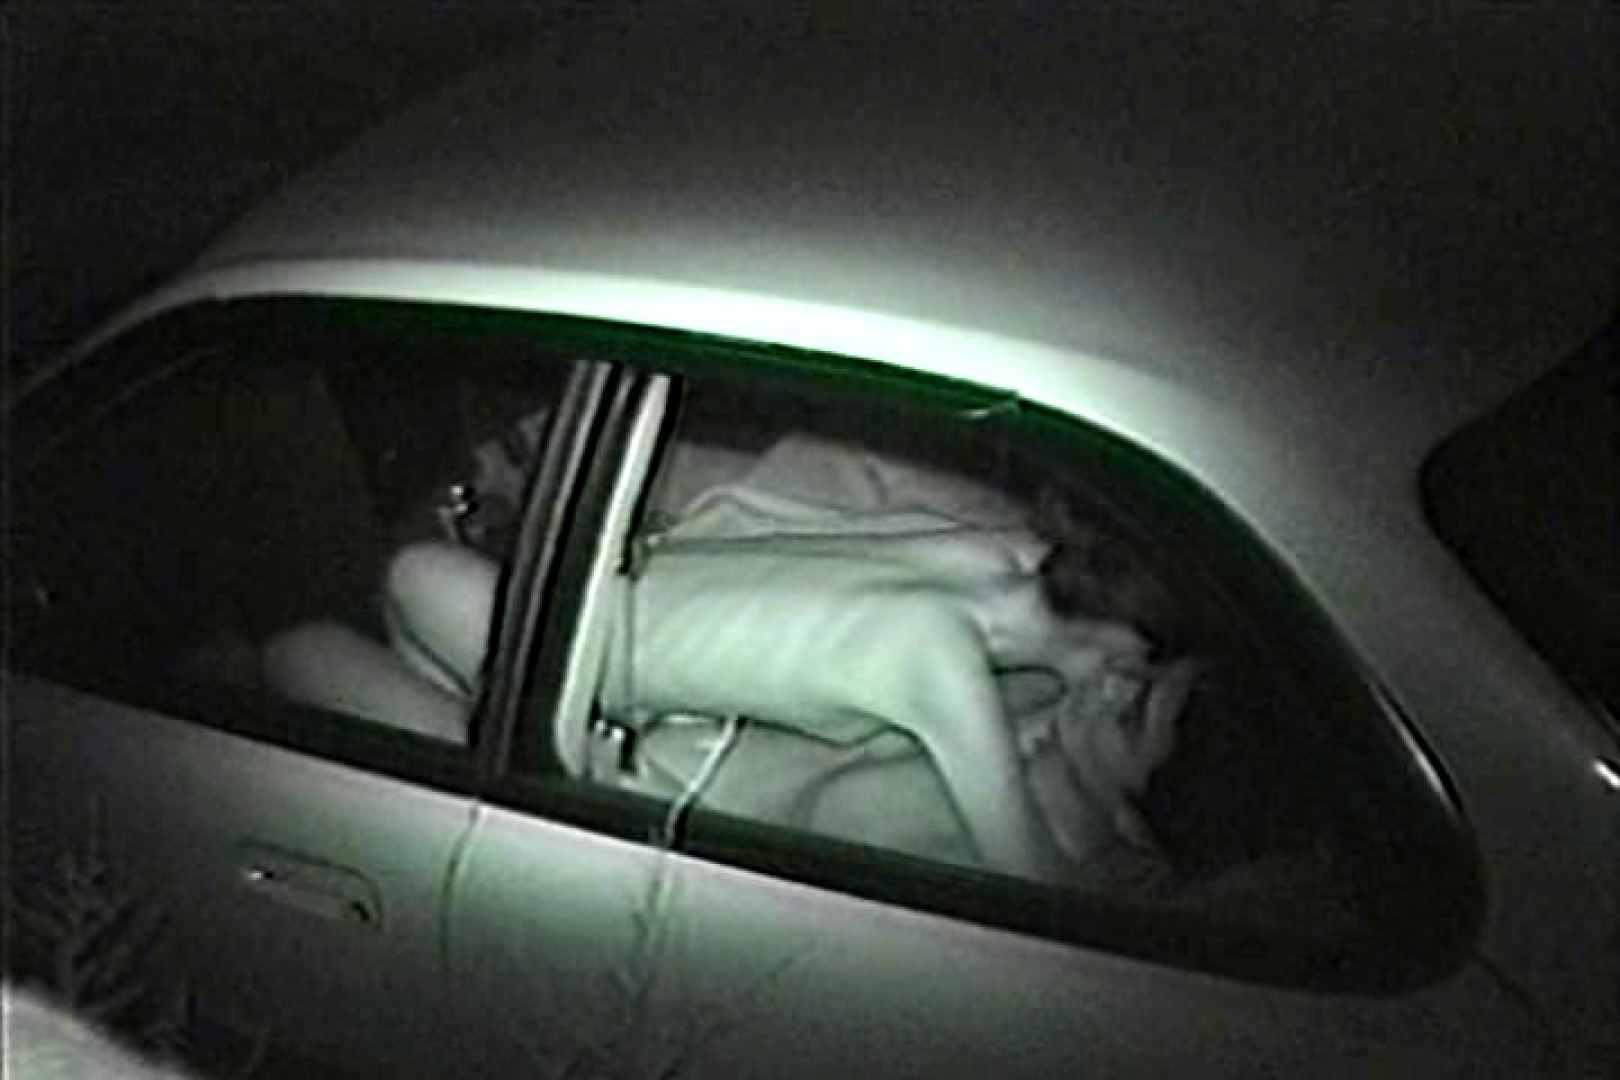 車の中はラブホテル 無修正版  Vol.7 セックス 隠し撮りオマンコ動画紹介 81画像 3